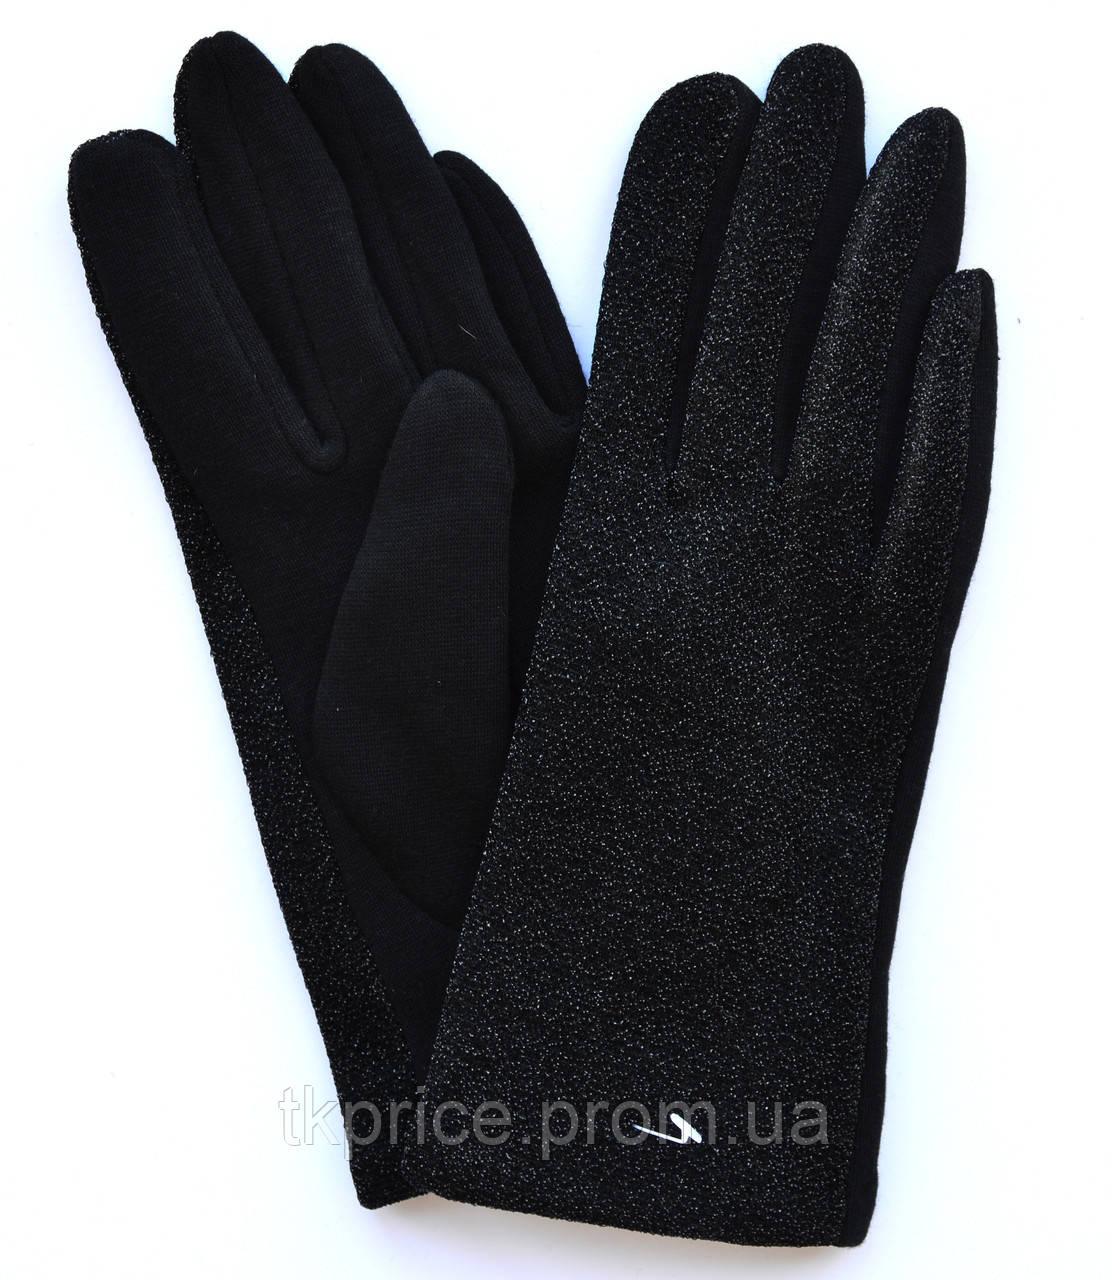 Жіночі трикотажні рукавички з сенсорними пальчиками на флісовой підкладці